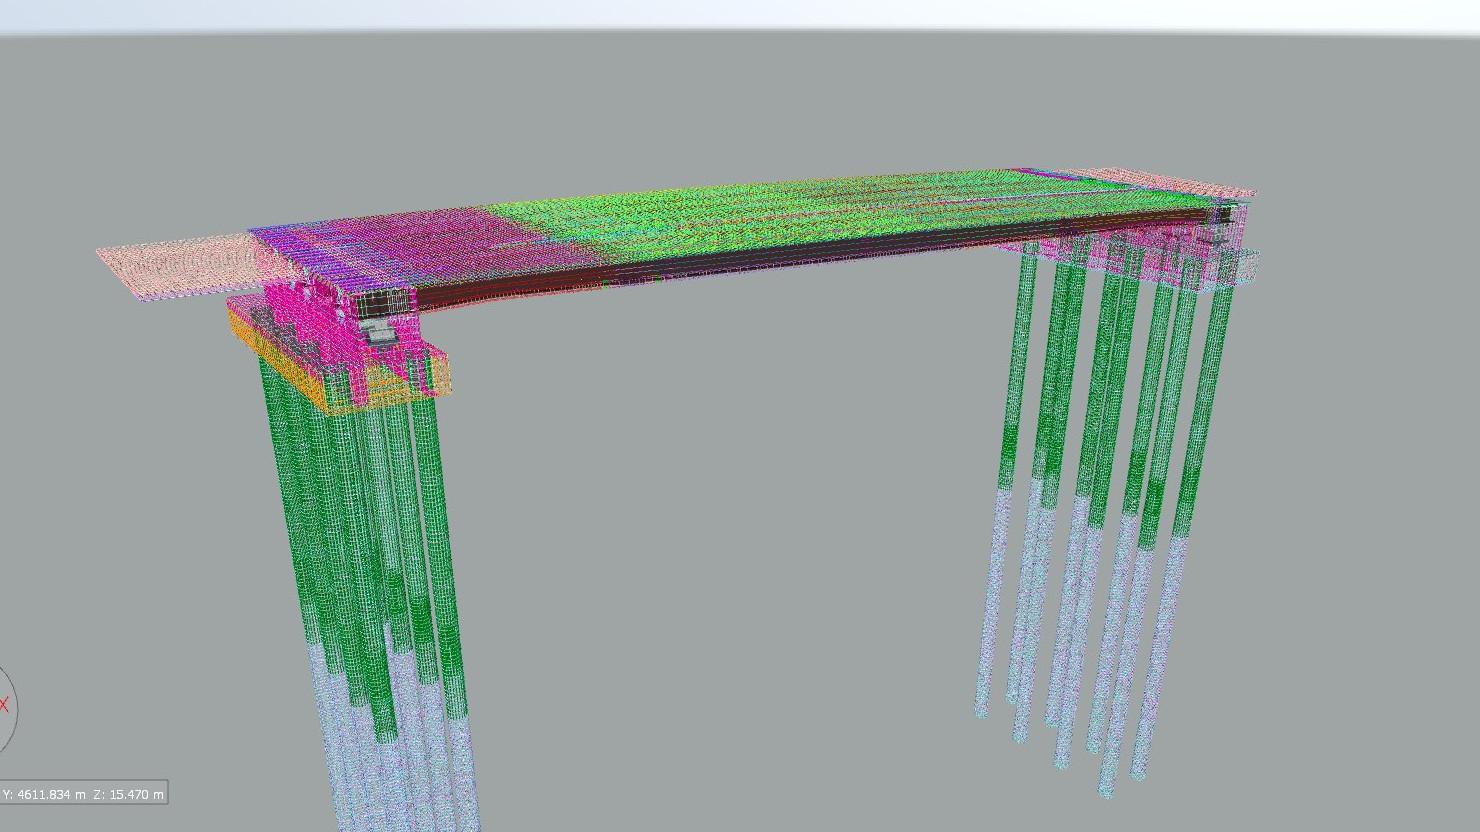 配筋モデル:巨大な部品全体をあらゆる角度から確認